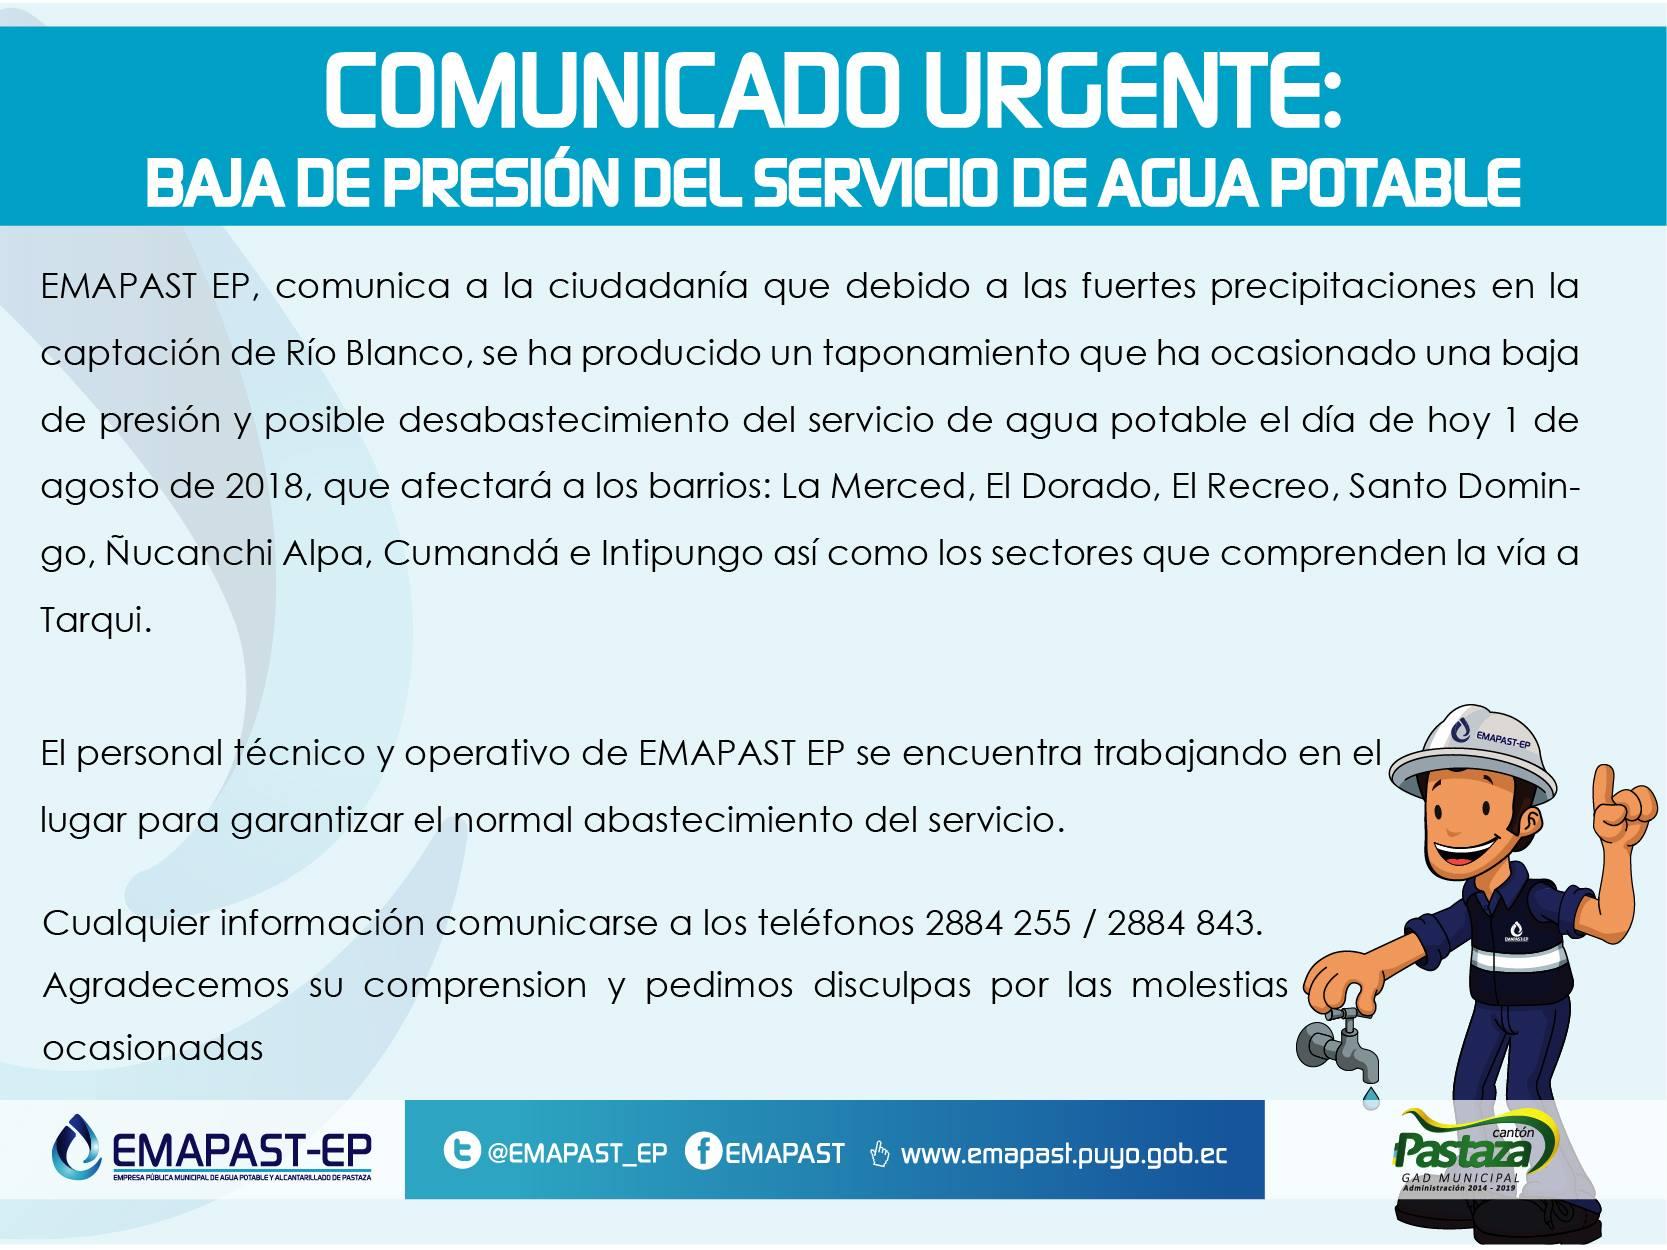 COMUNICADO URGENTE:BAJA DE PRESIÓN DEL SERVICIO DE AGUA POTABLE EMAPAST